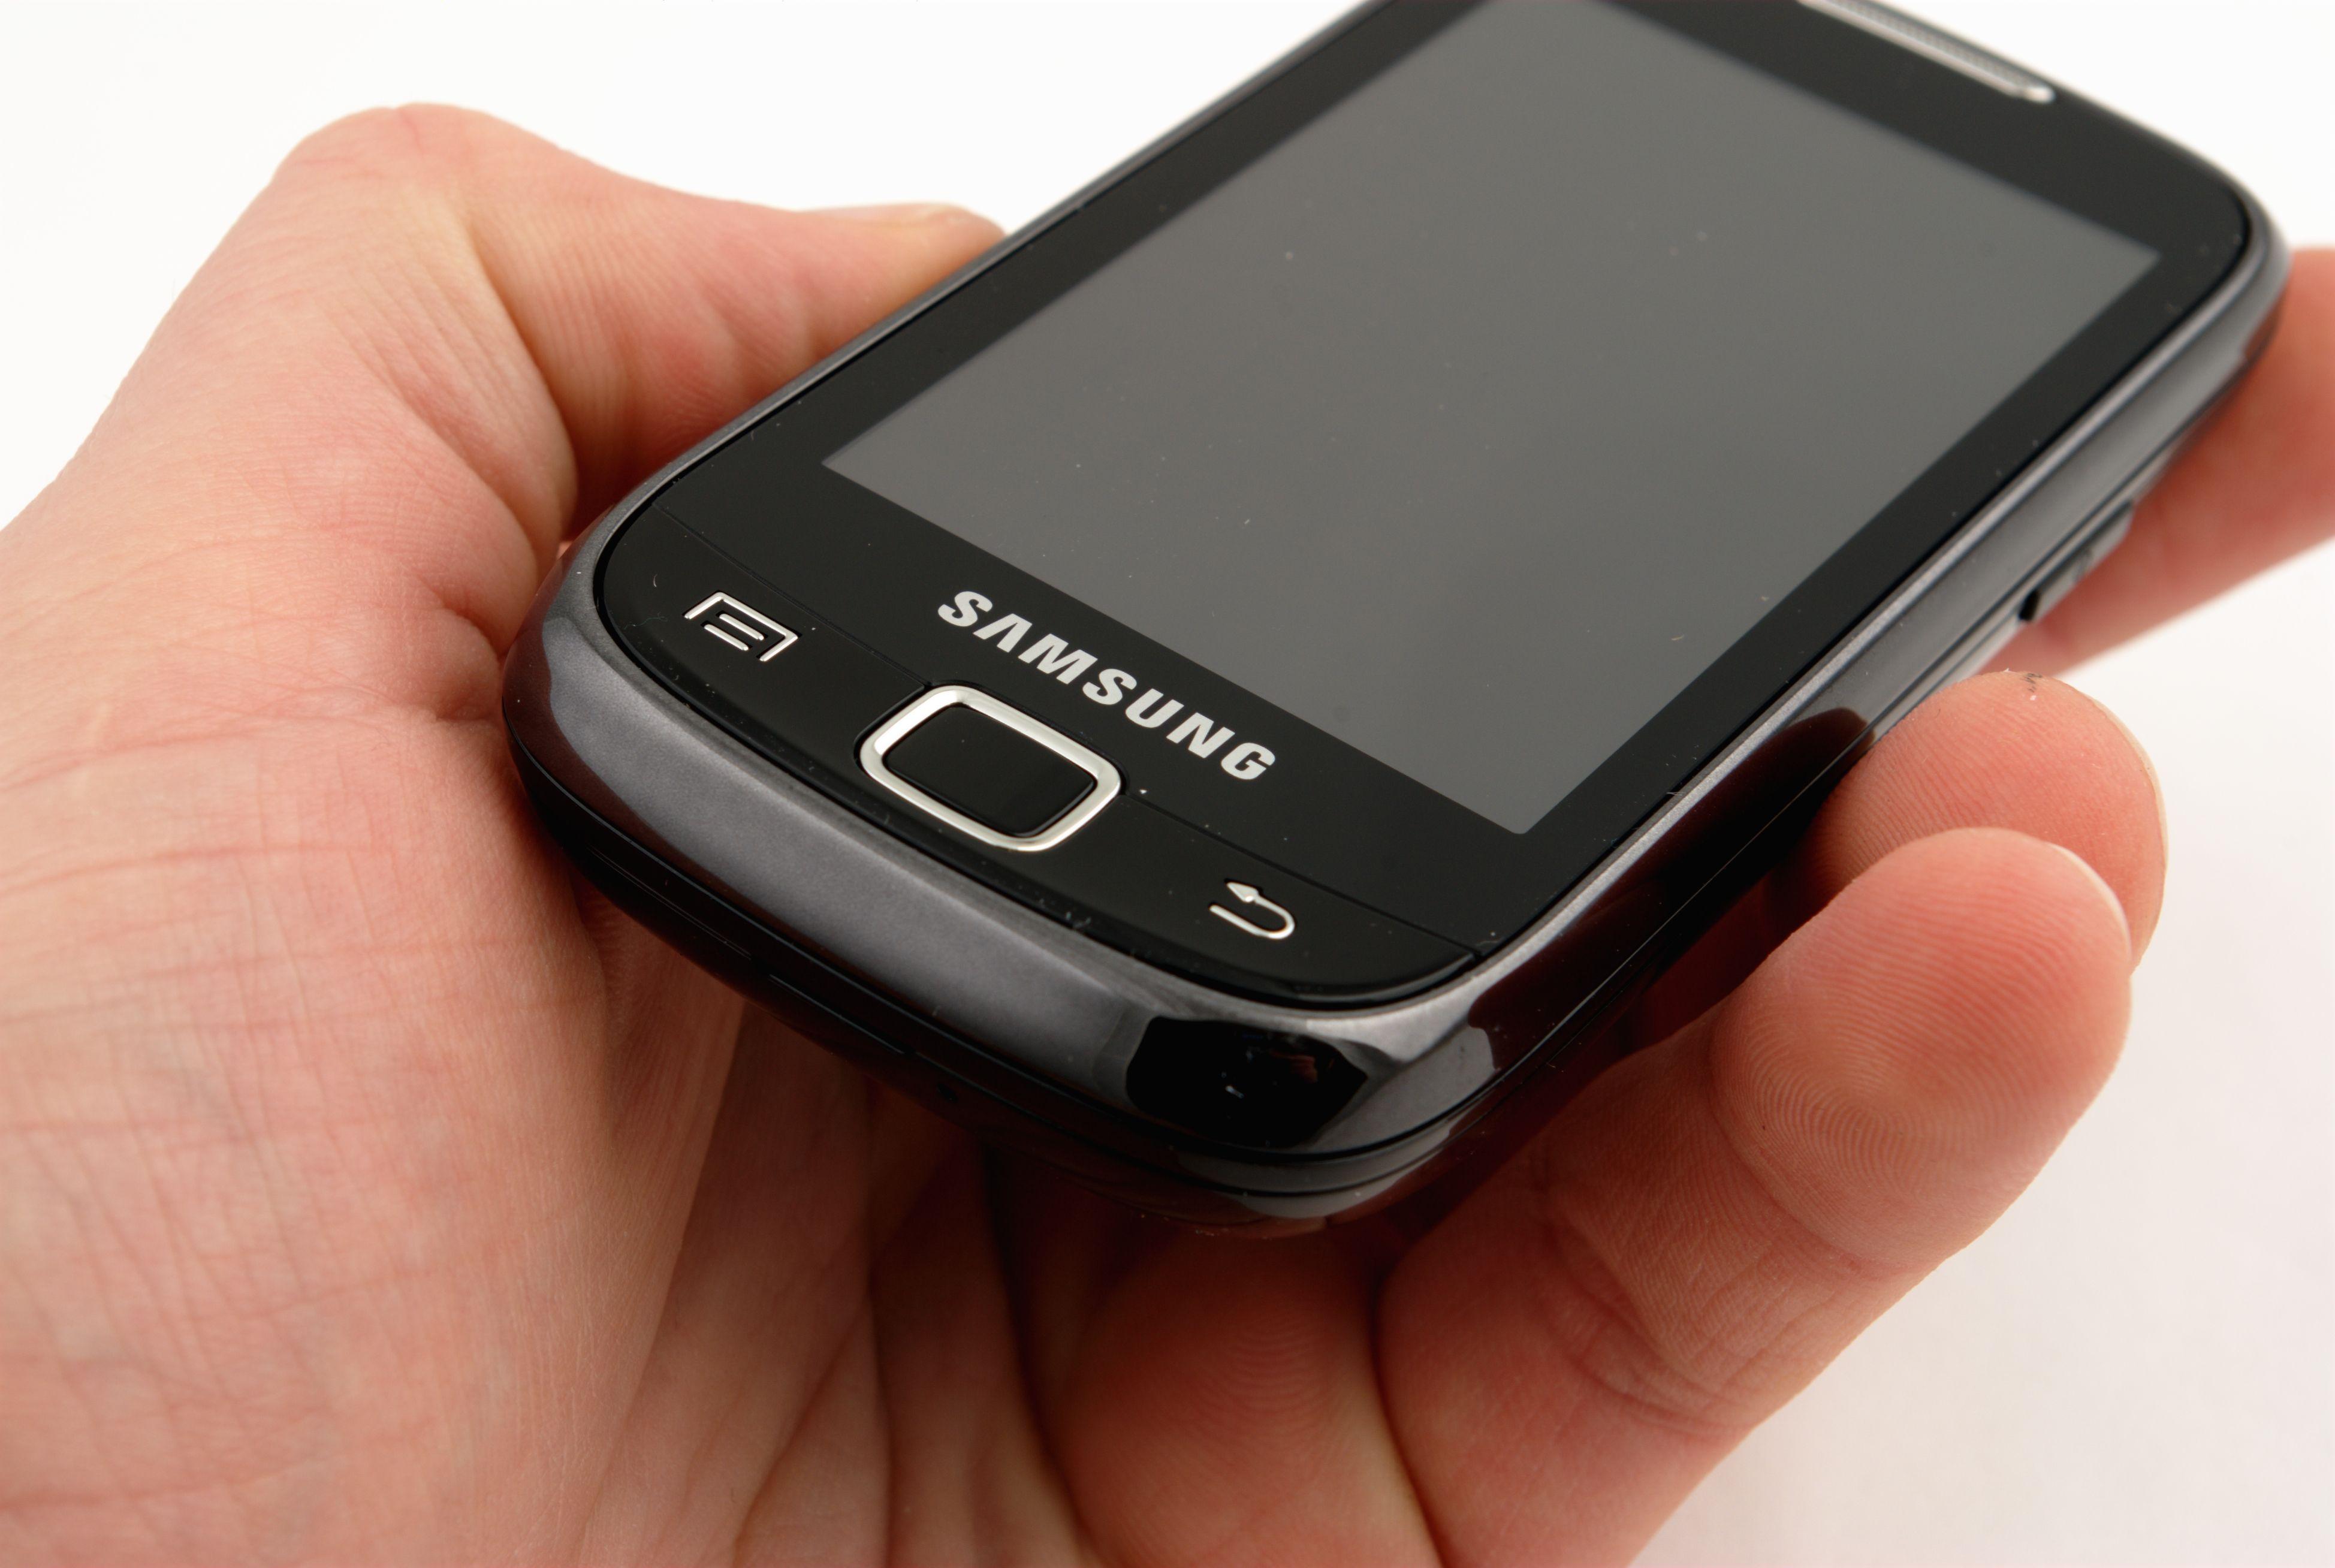 Ved første øyekast ser Galaxy 551 ut som en litt klumpete touch-telefon.